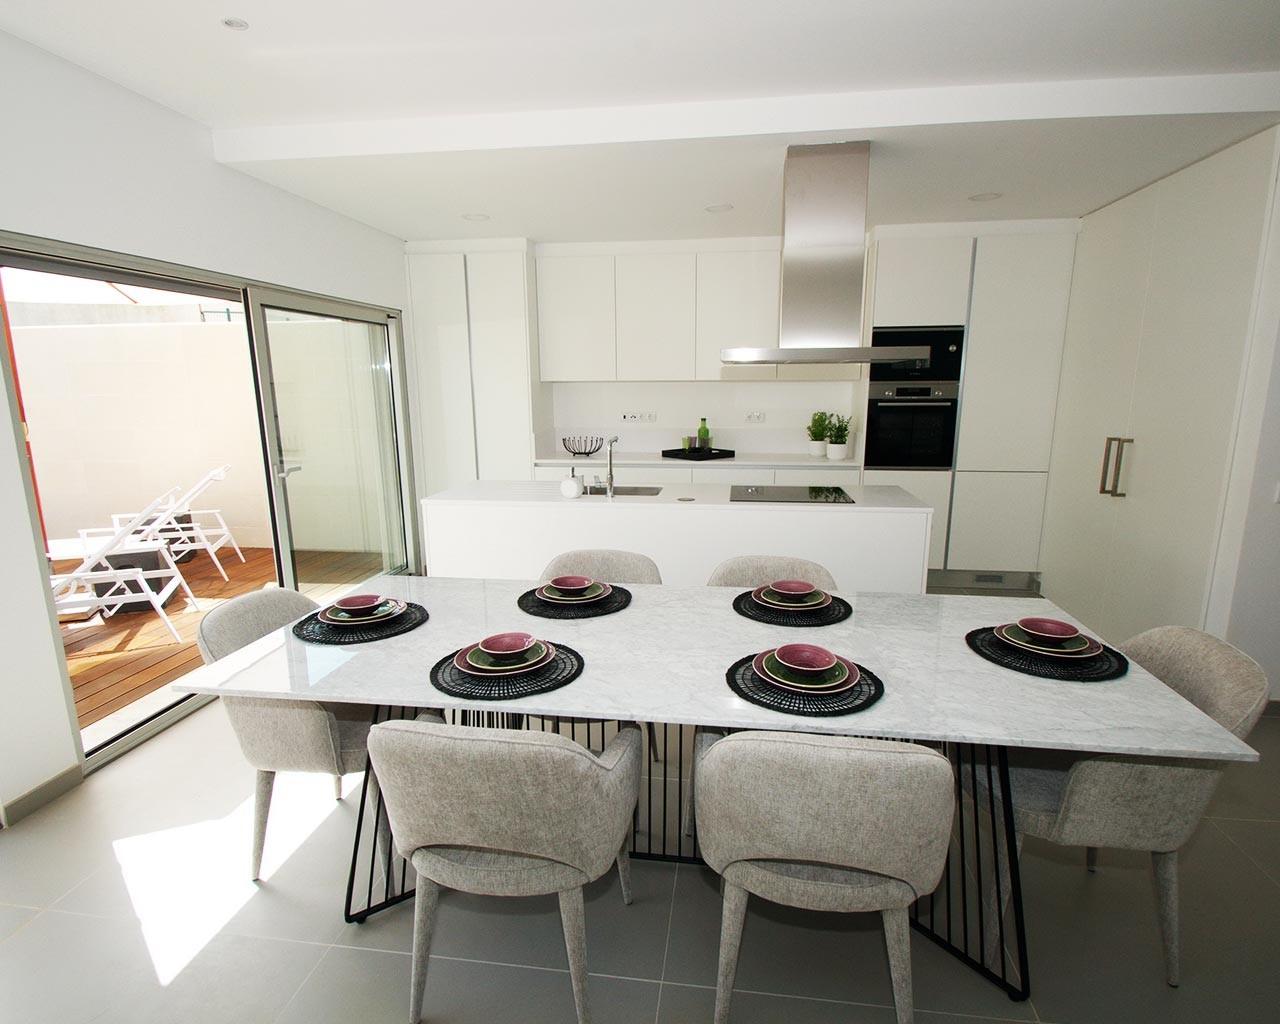 ferragudo-design-villas-kitchen-dining room